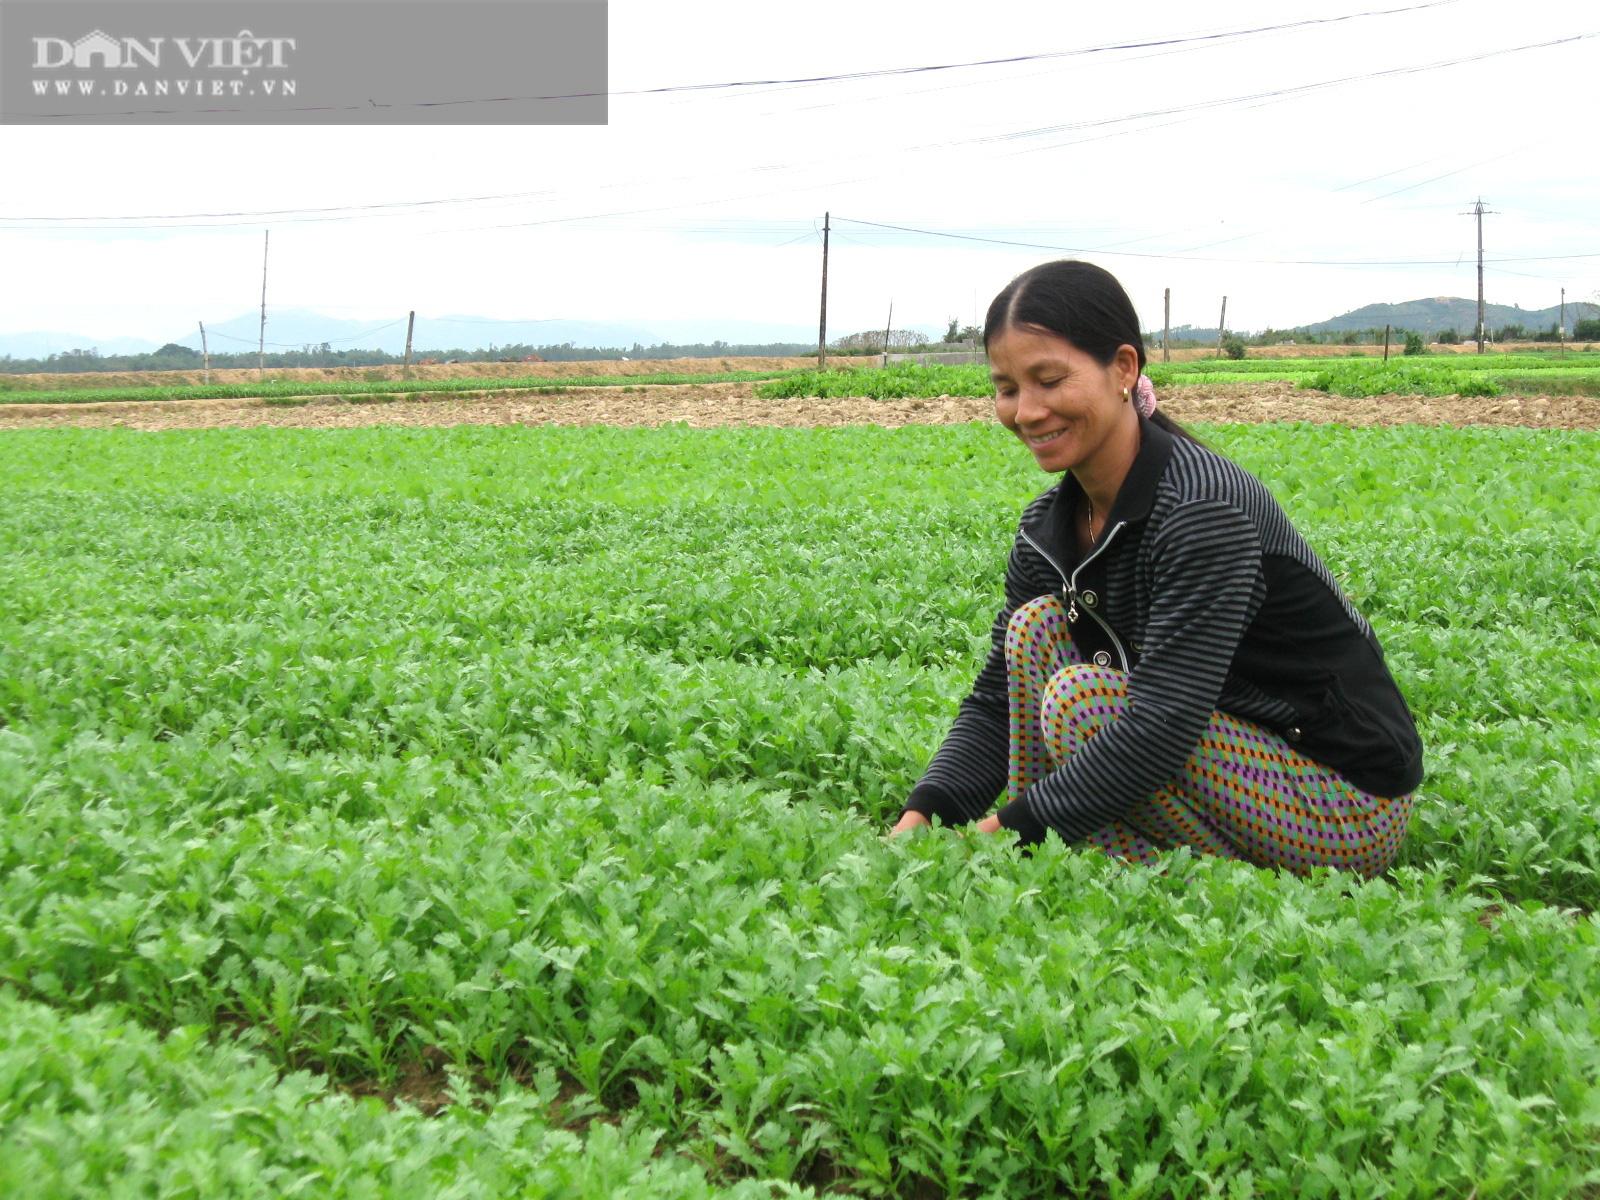 """Rau """"bán chạy như tôm tươi"""", nông dân Bình Định trúng đậm vụ Tết - Ảnh 3."""